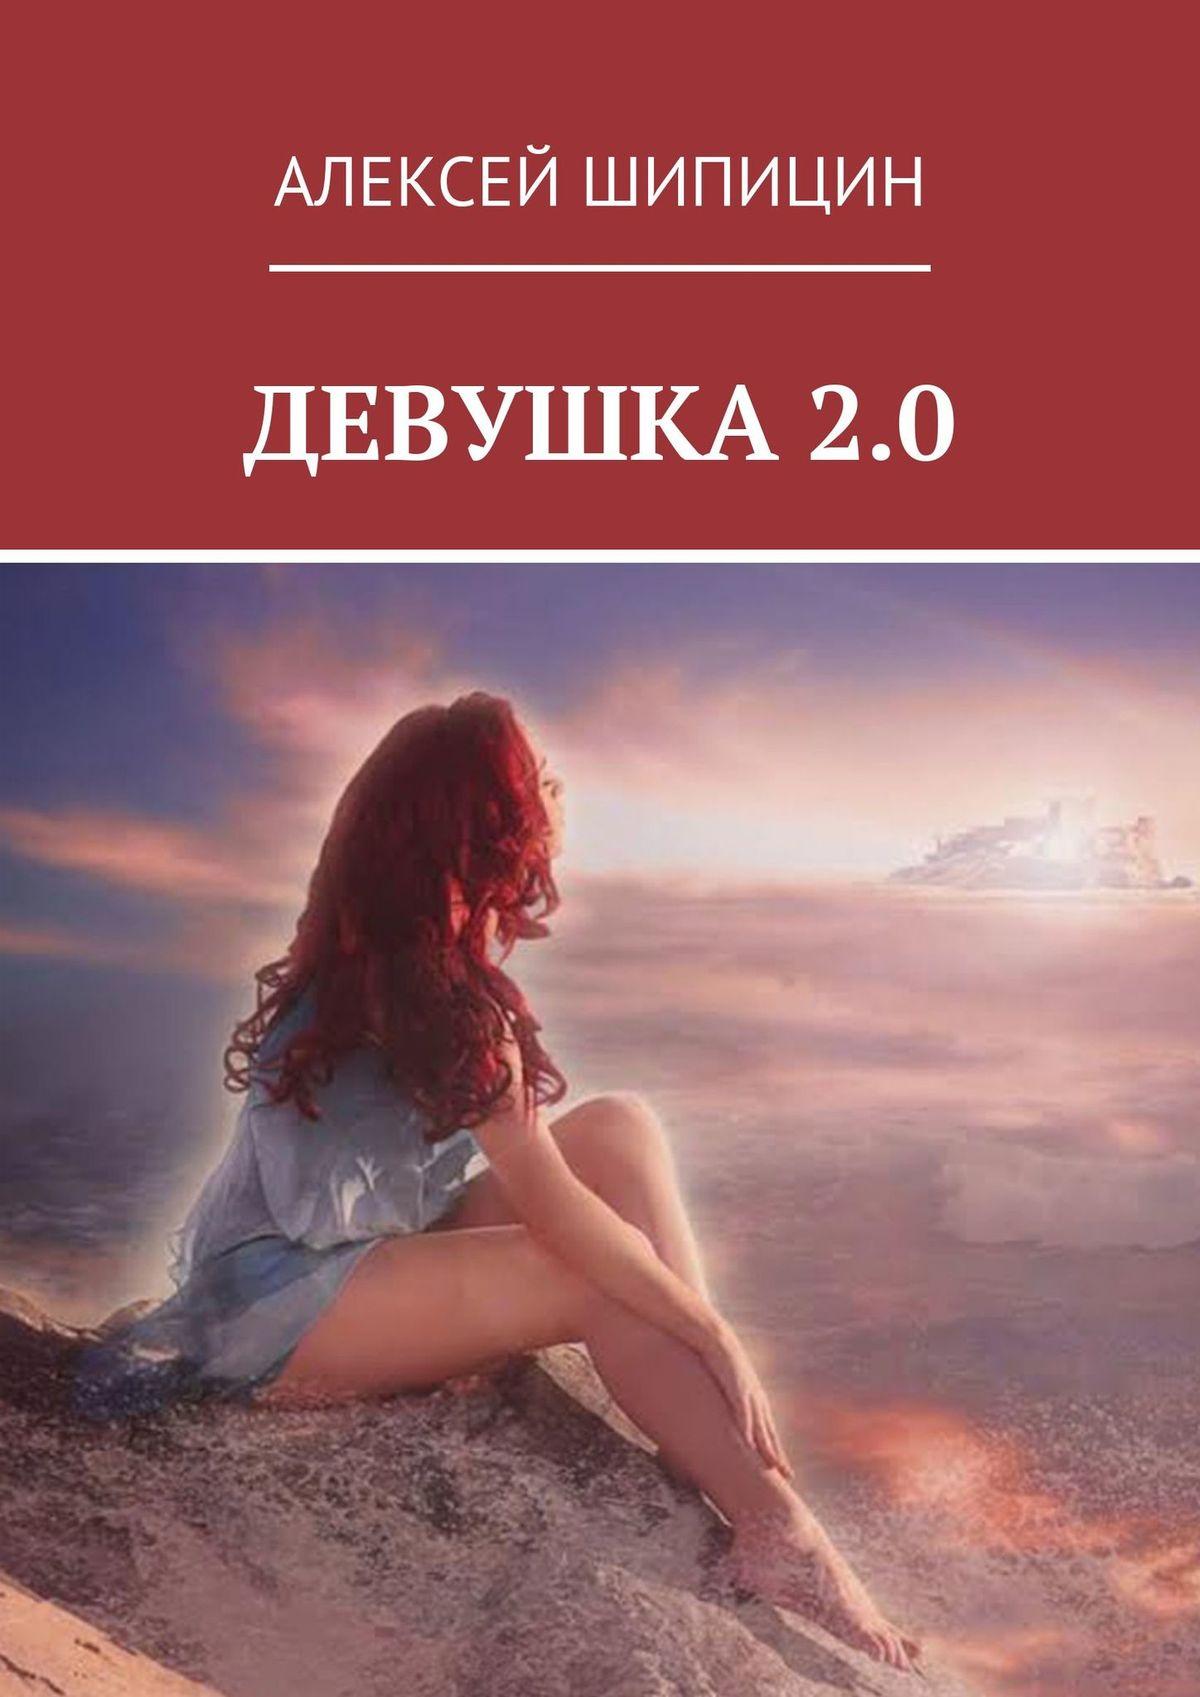 Девушка 2.0